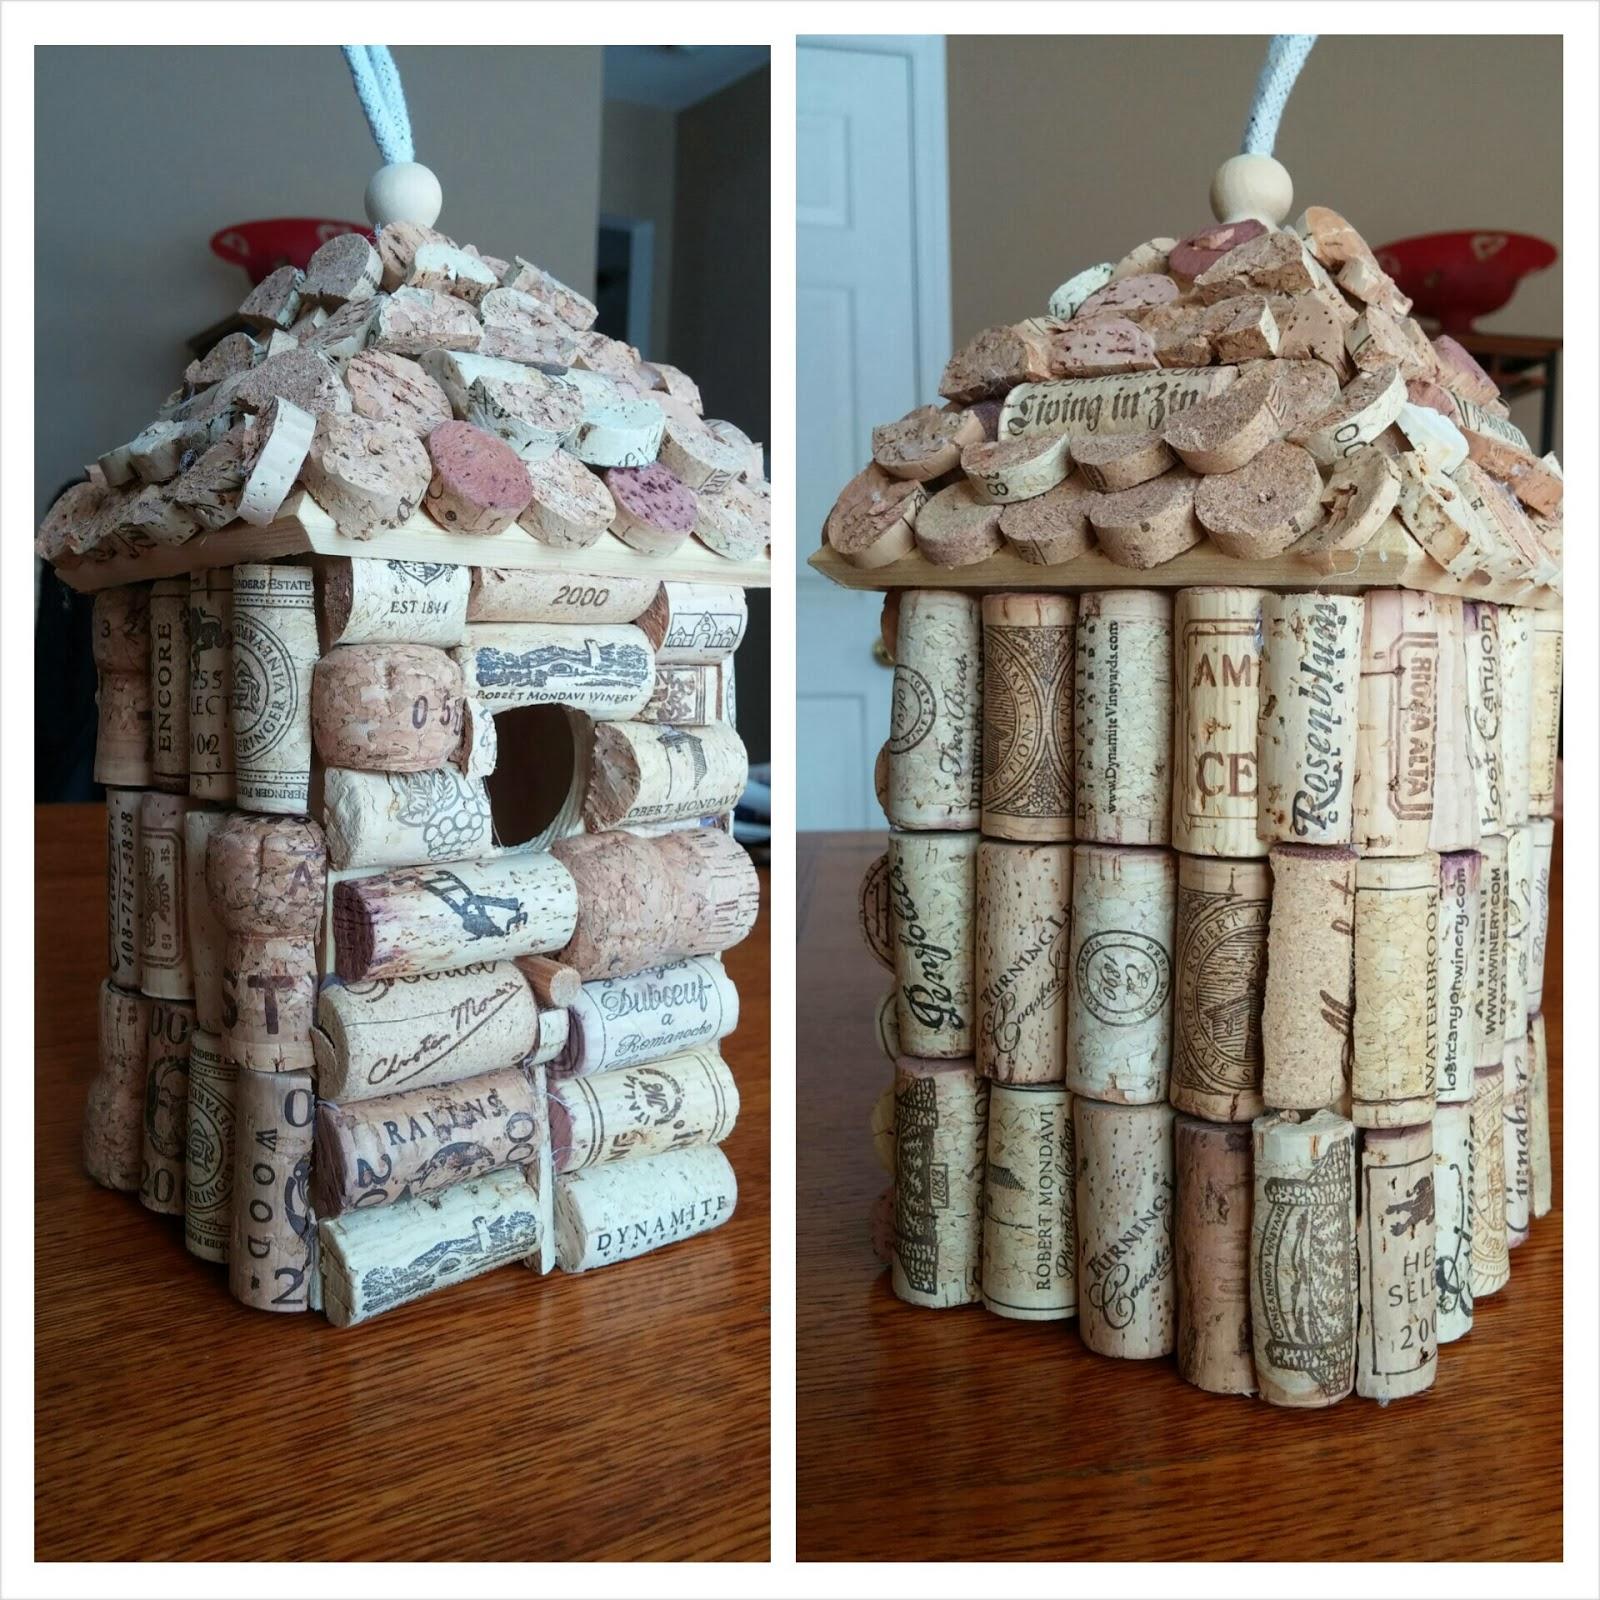 Corky Crafts Knit Hats Making A Wine Cork Birdhouse